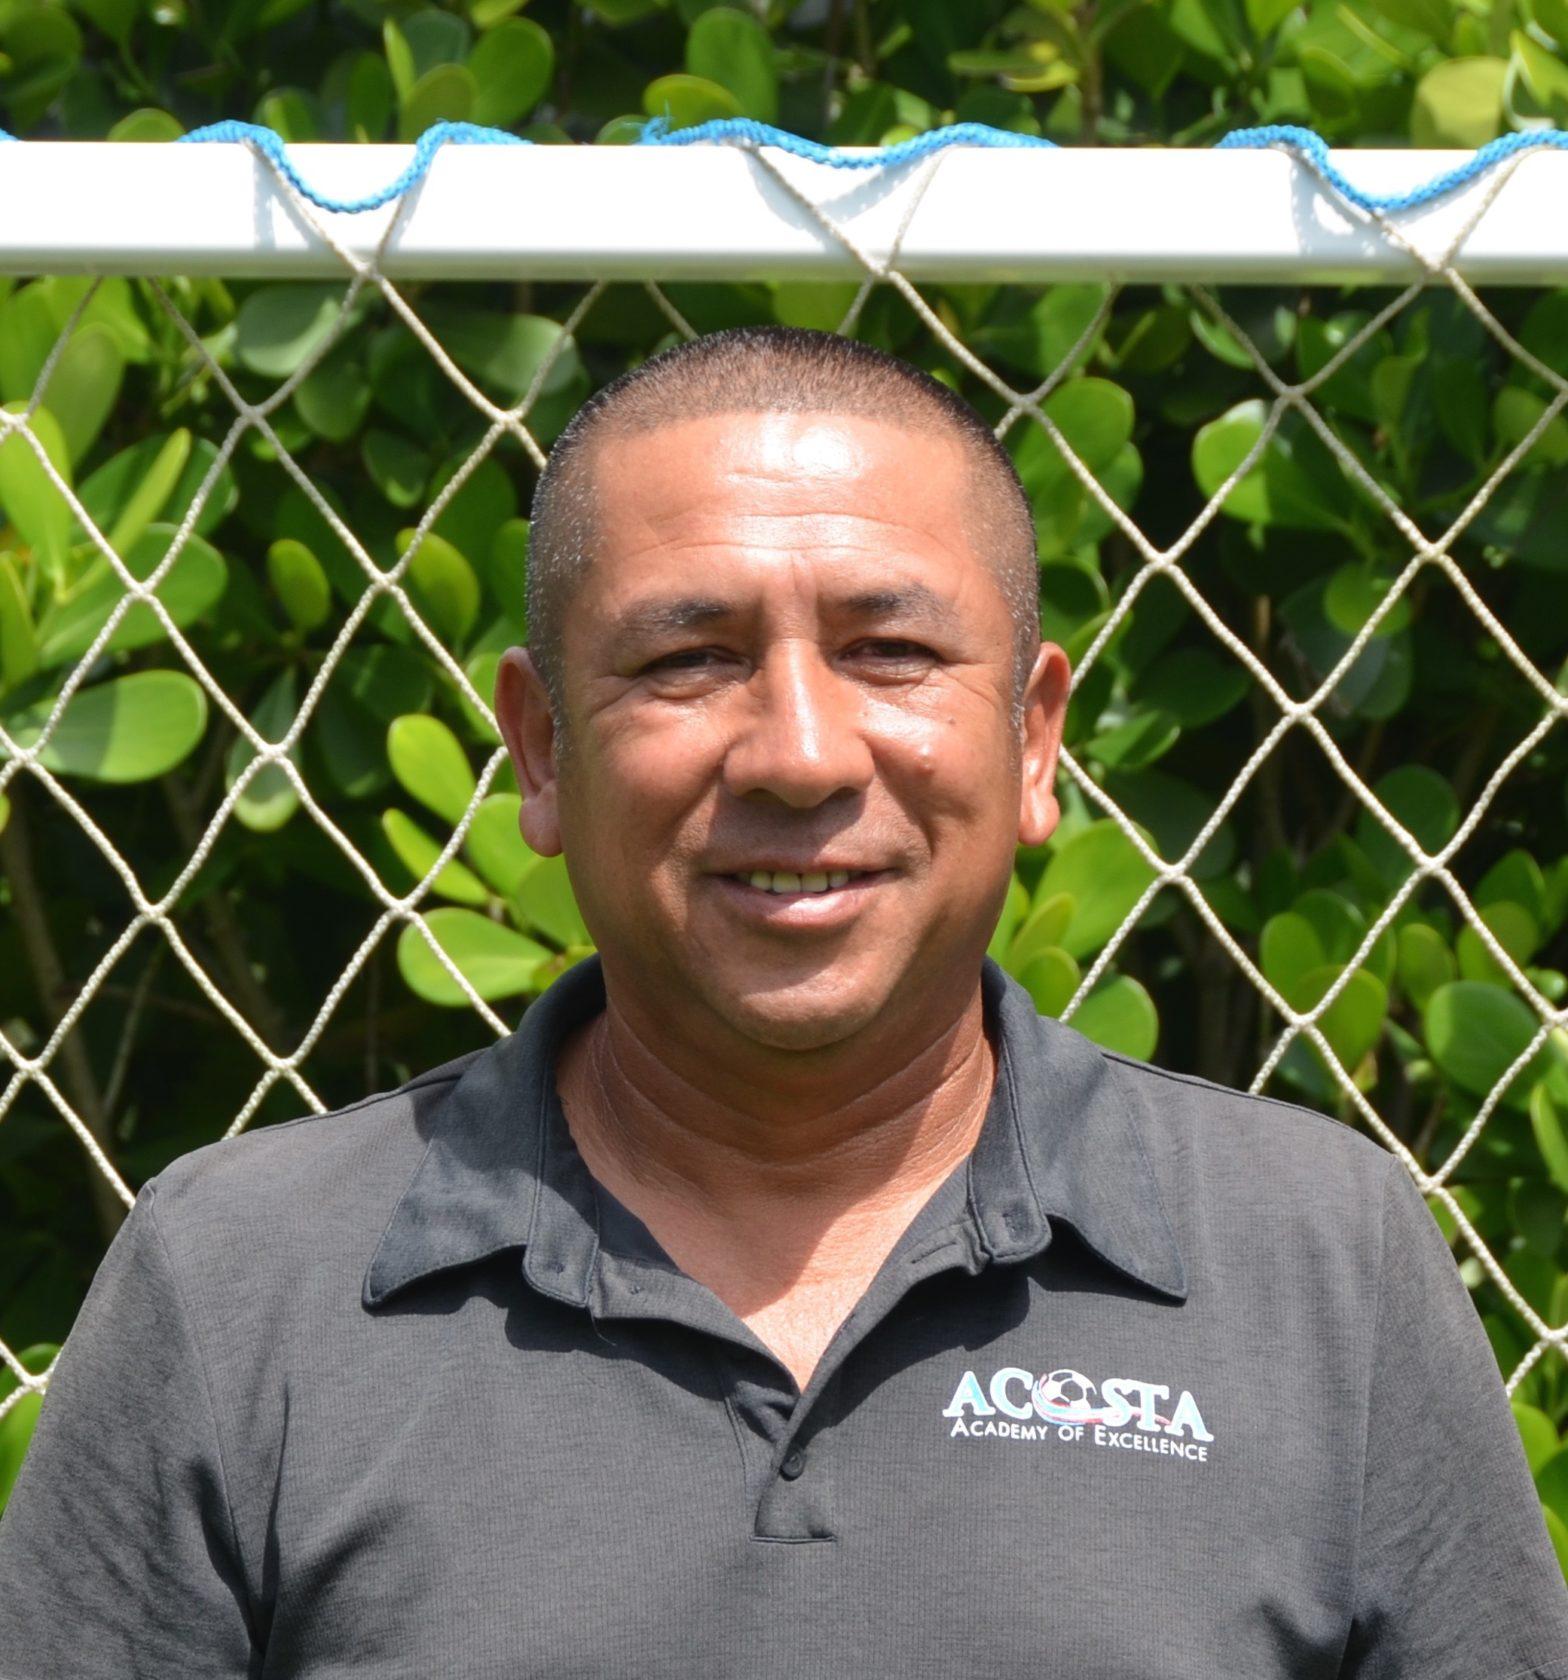 Coach Felix Acosta